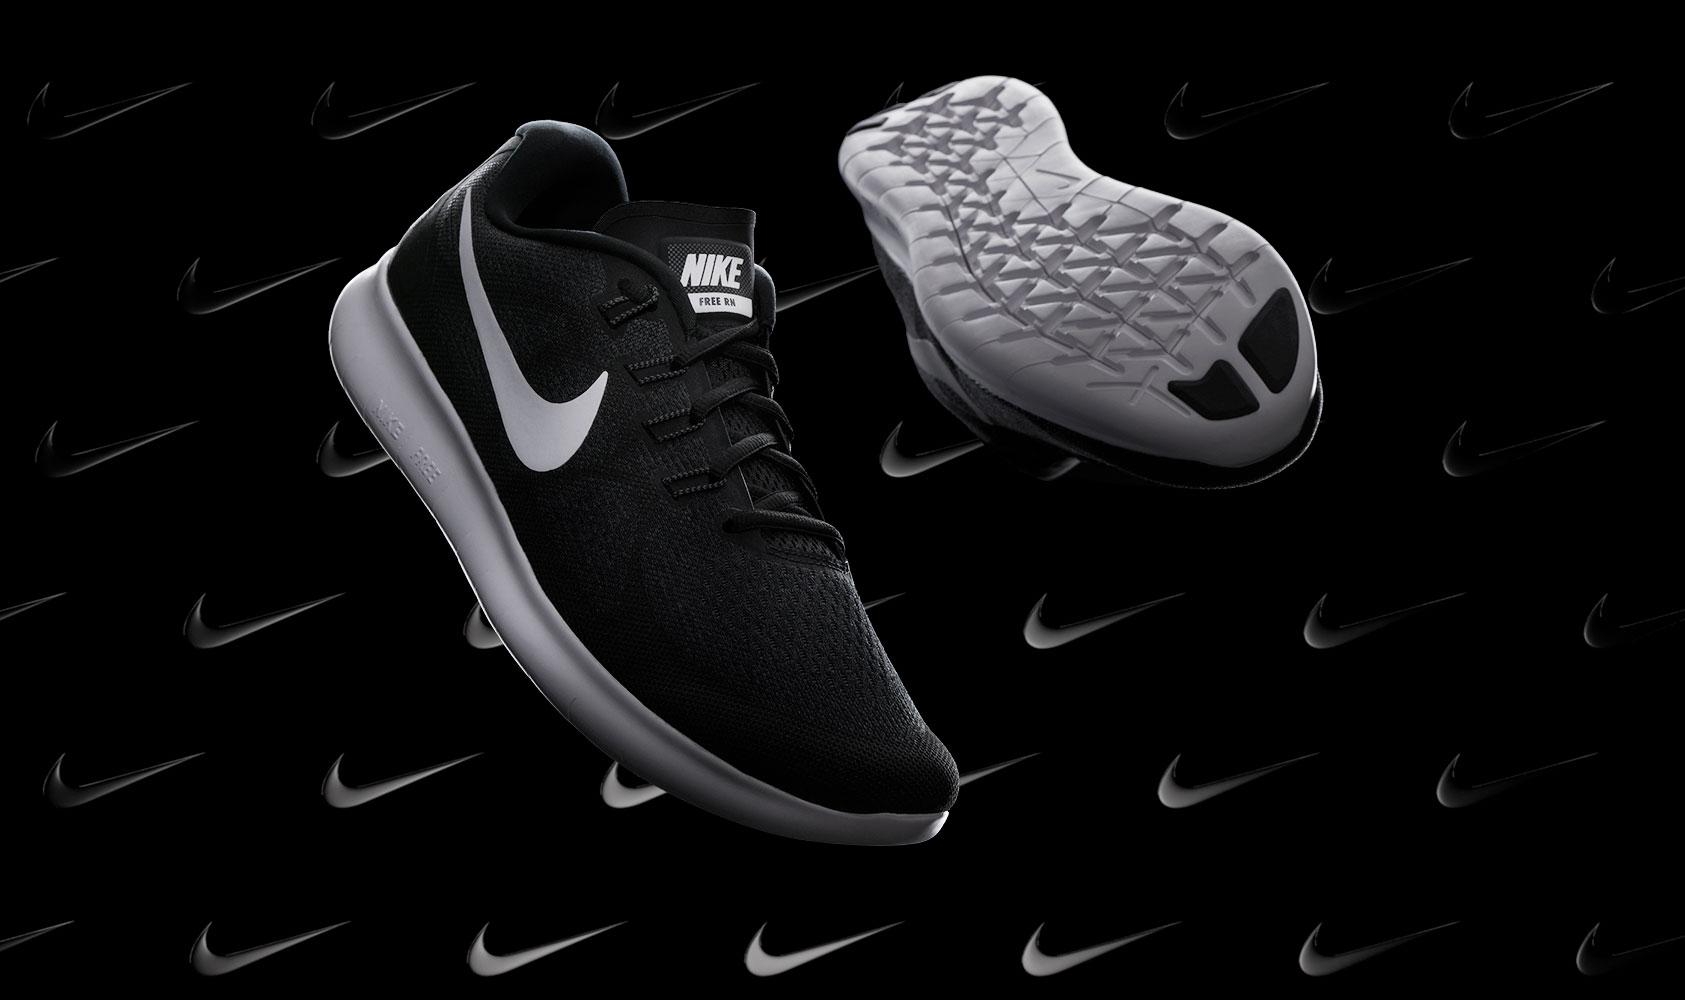 Nike Matrix 1685x1000px